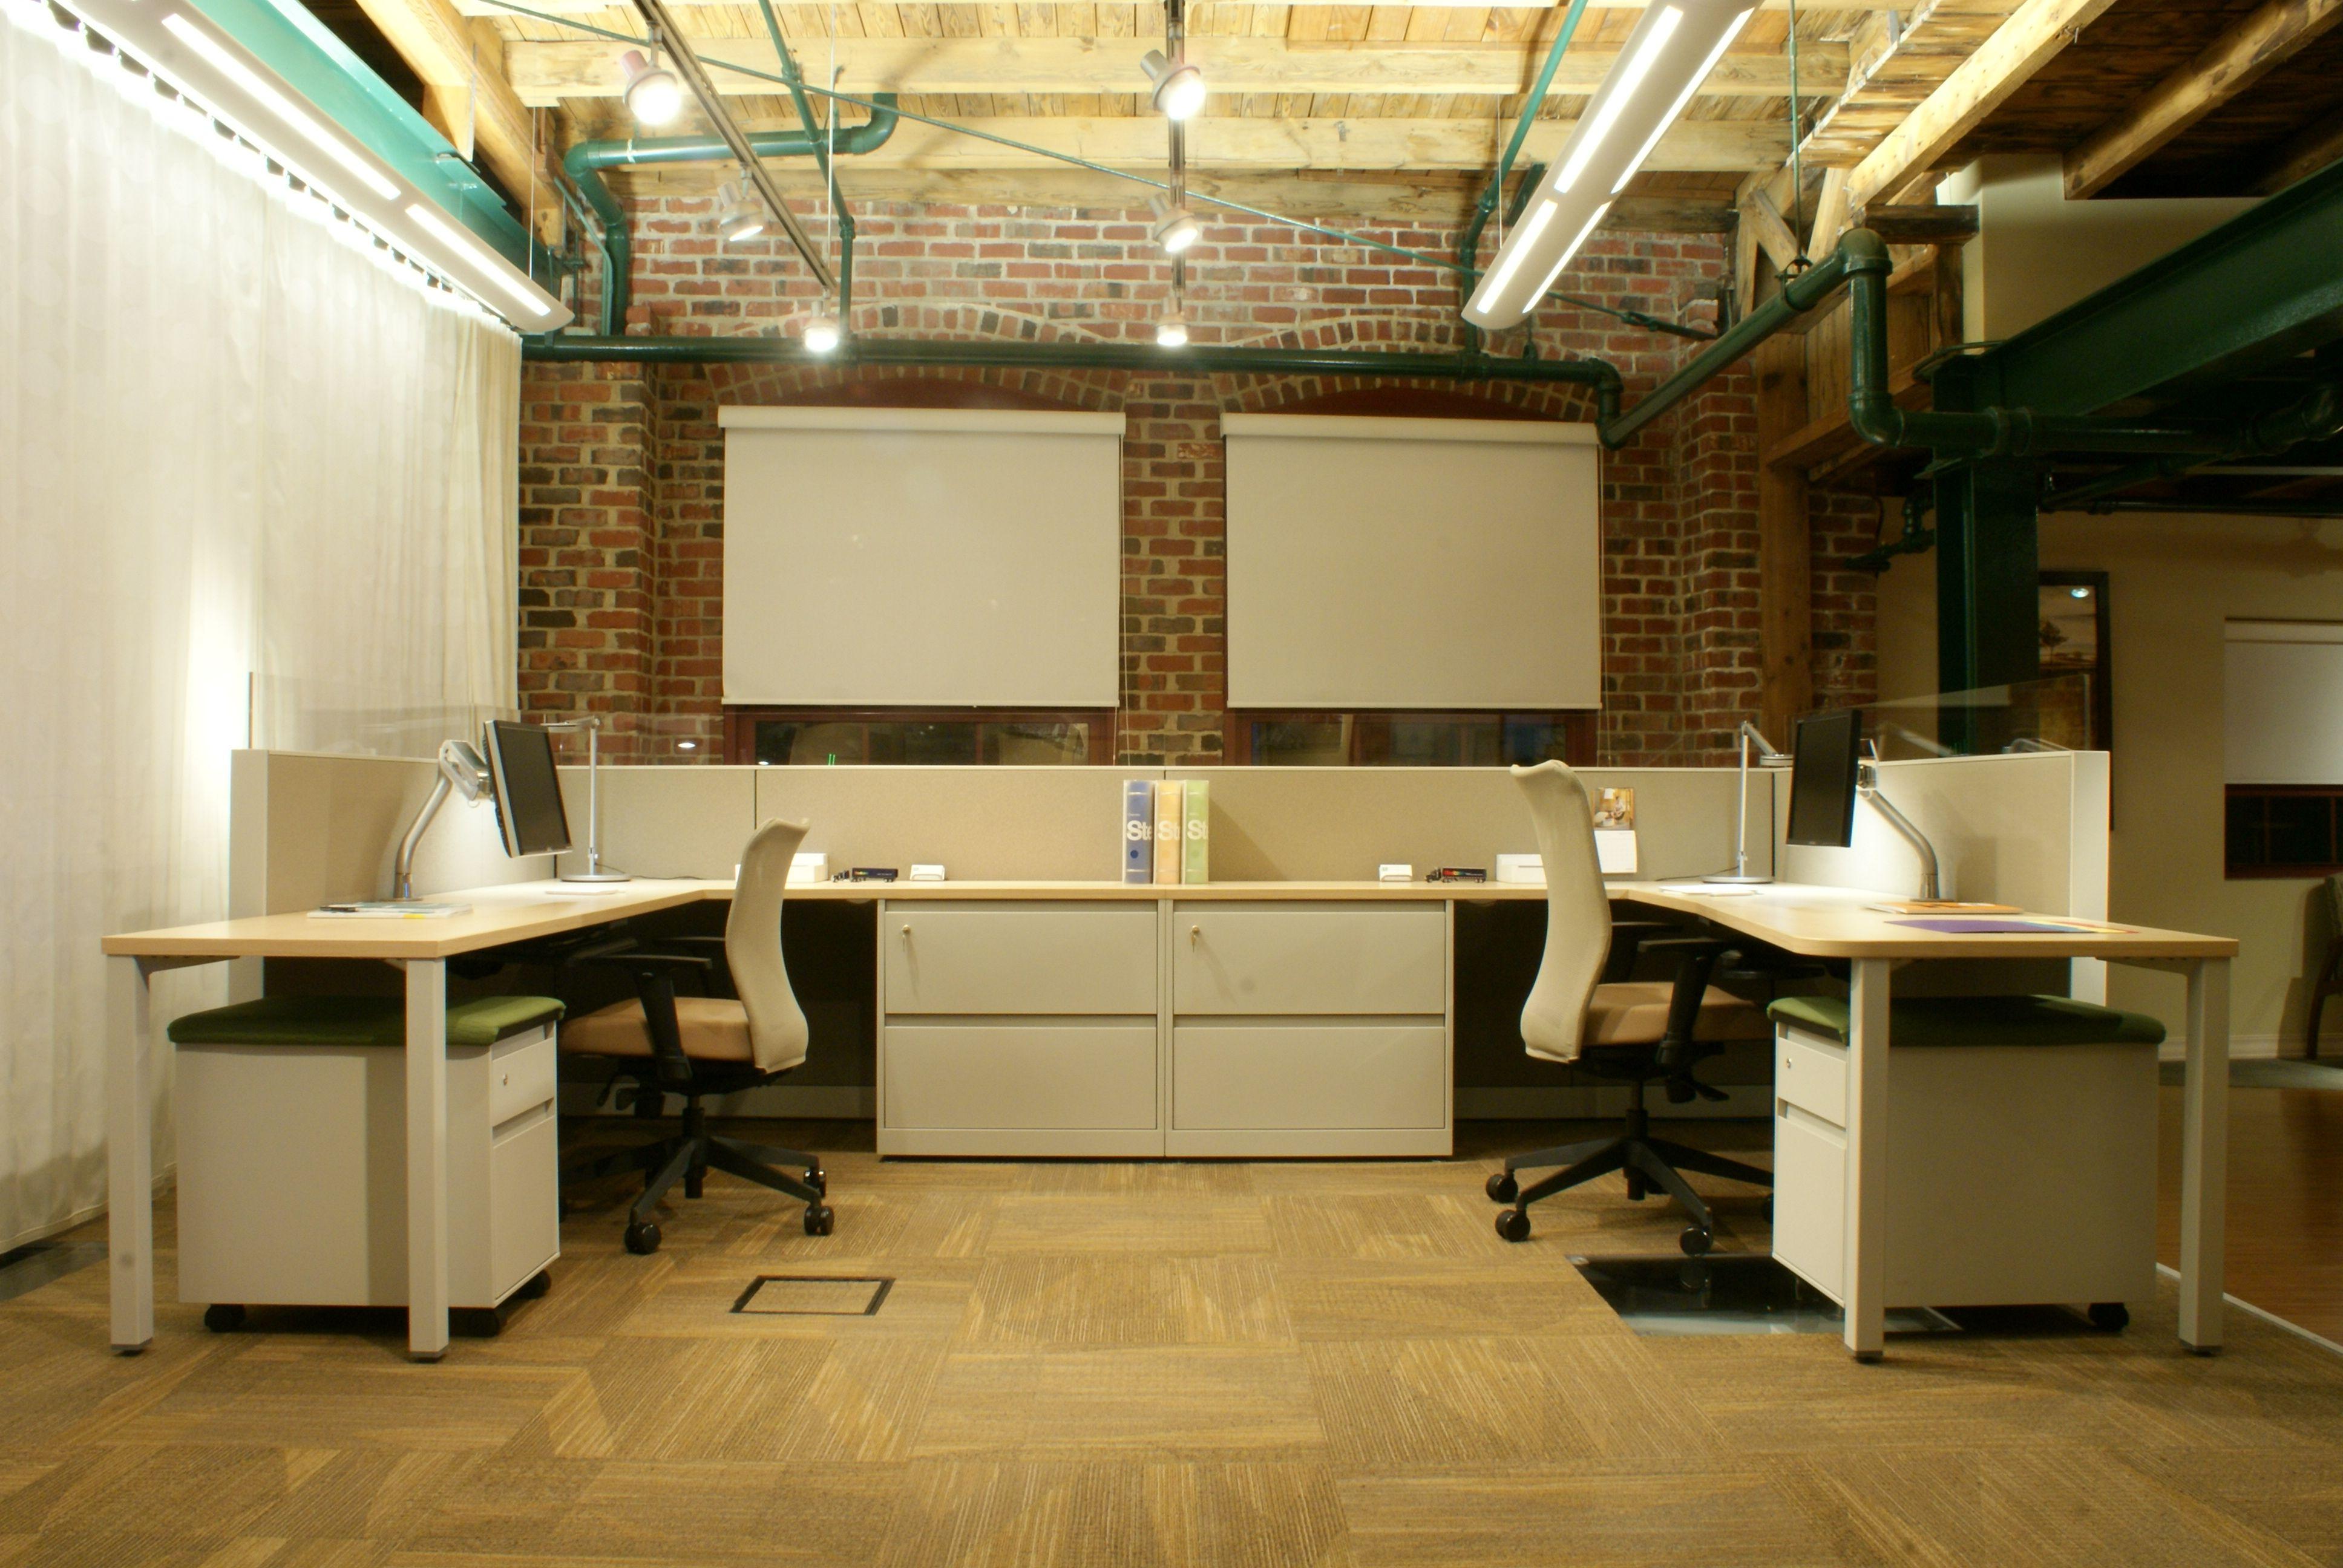 denver office furniture showroom. Showroom Denver Office Furniture E